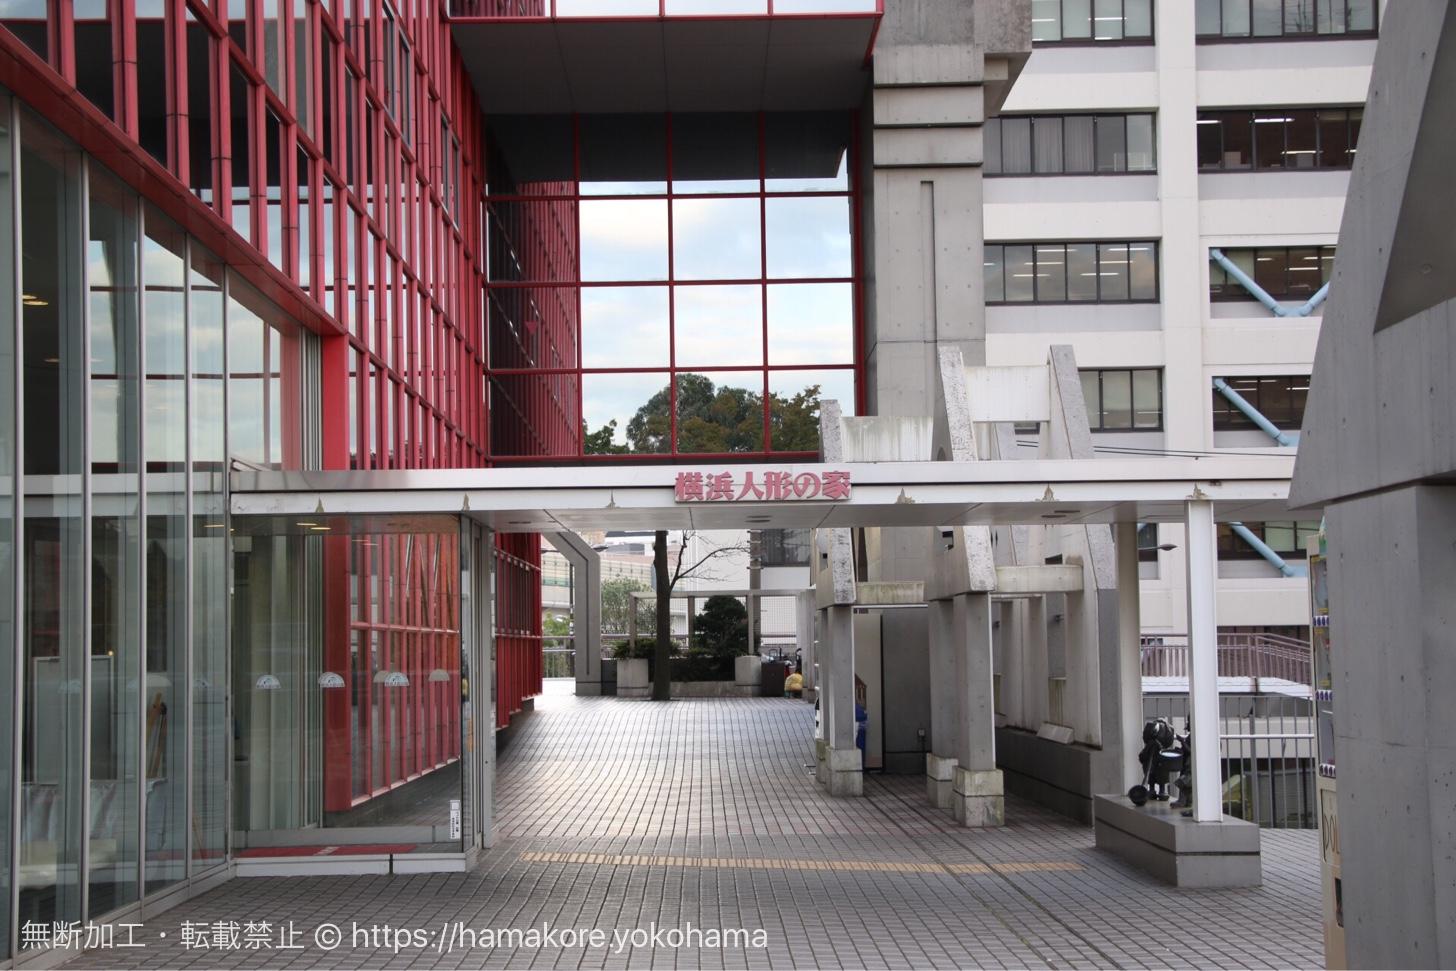 横浜人形の家 入り口 外観